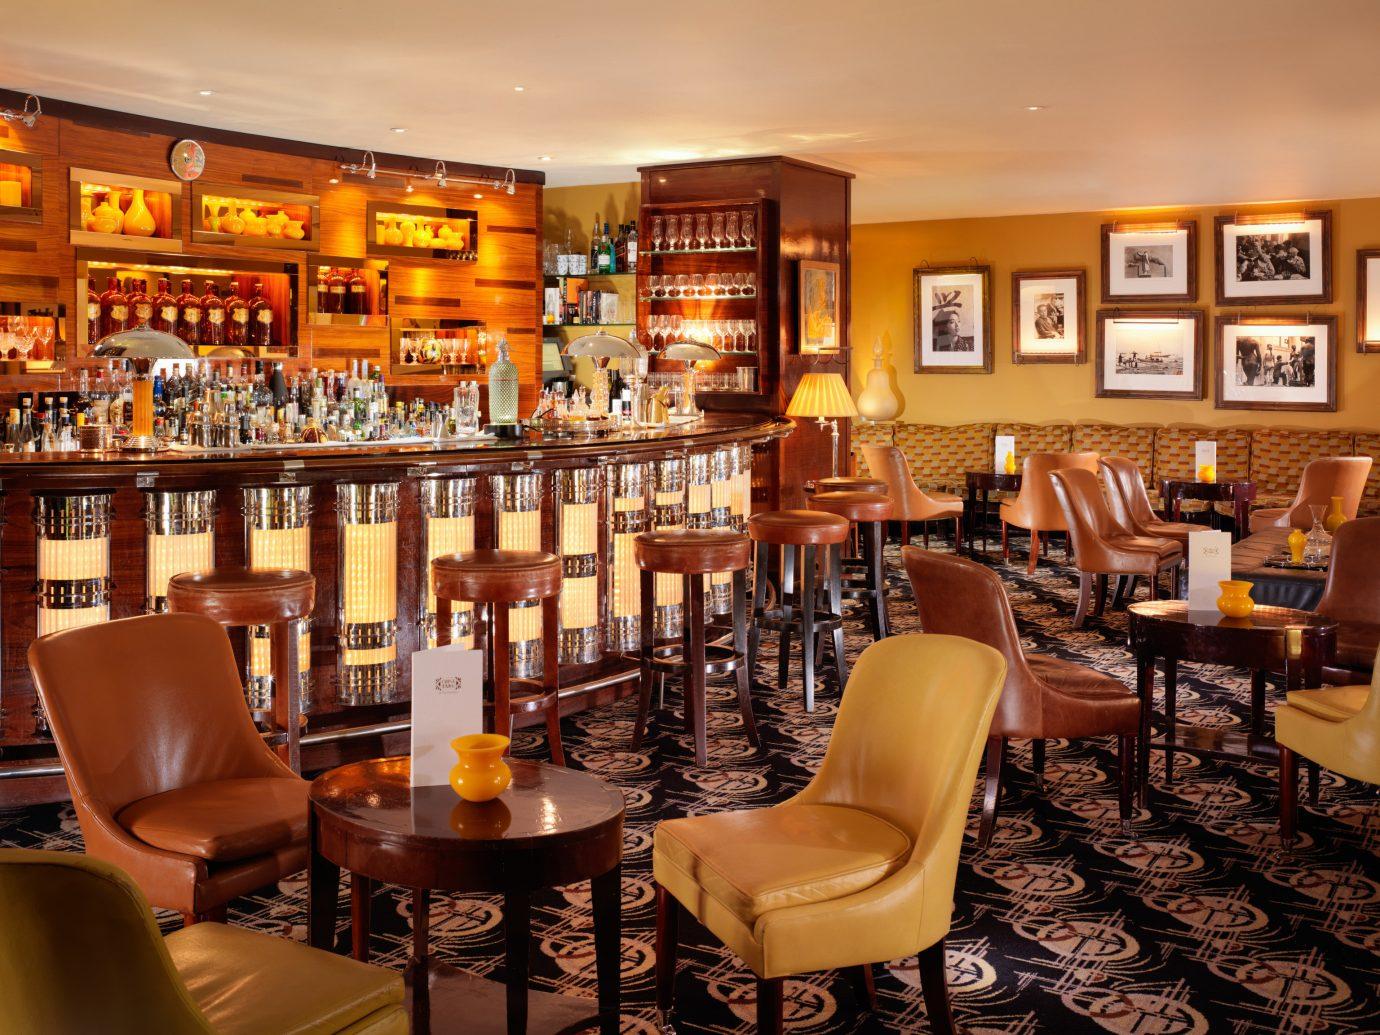 Bar at China Tang in Mayfair, London